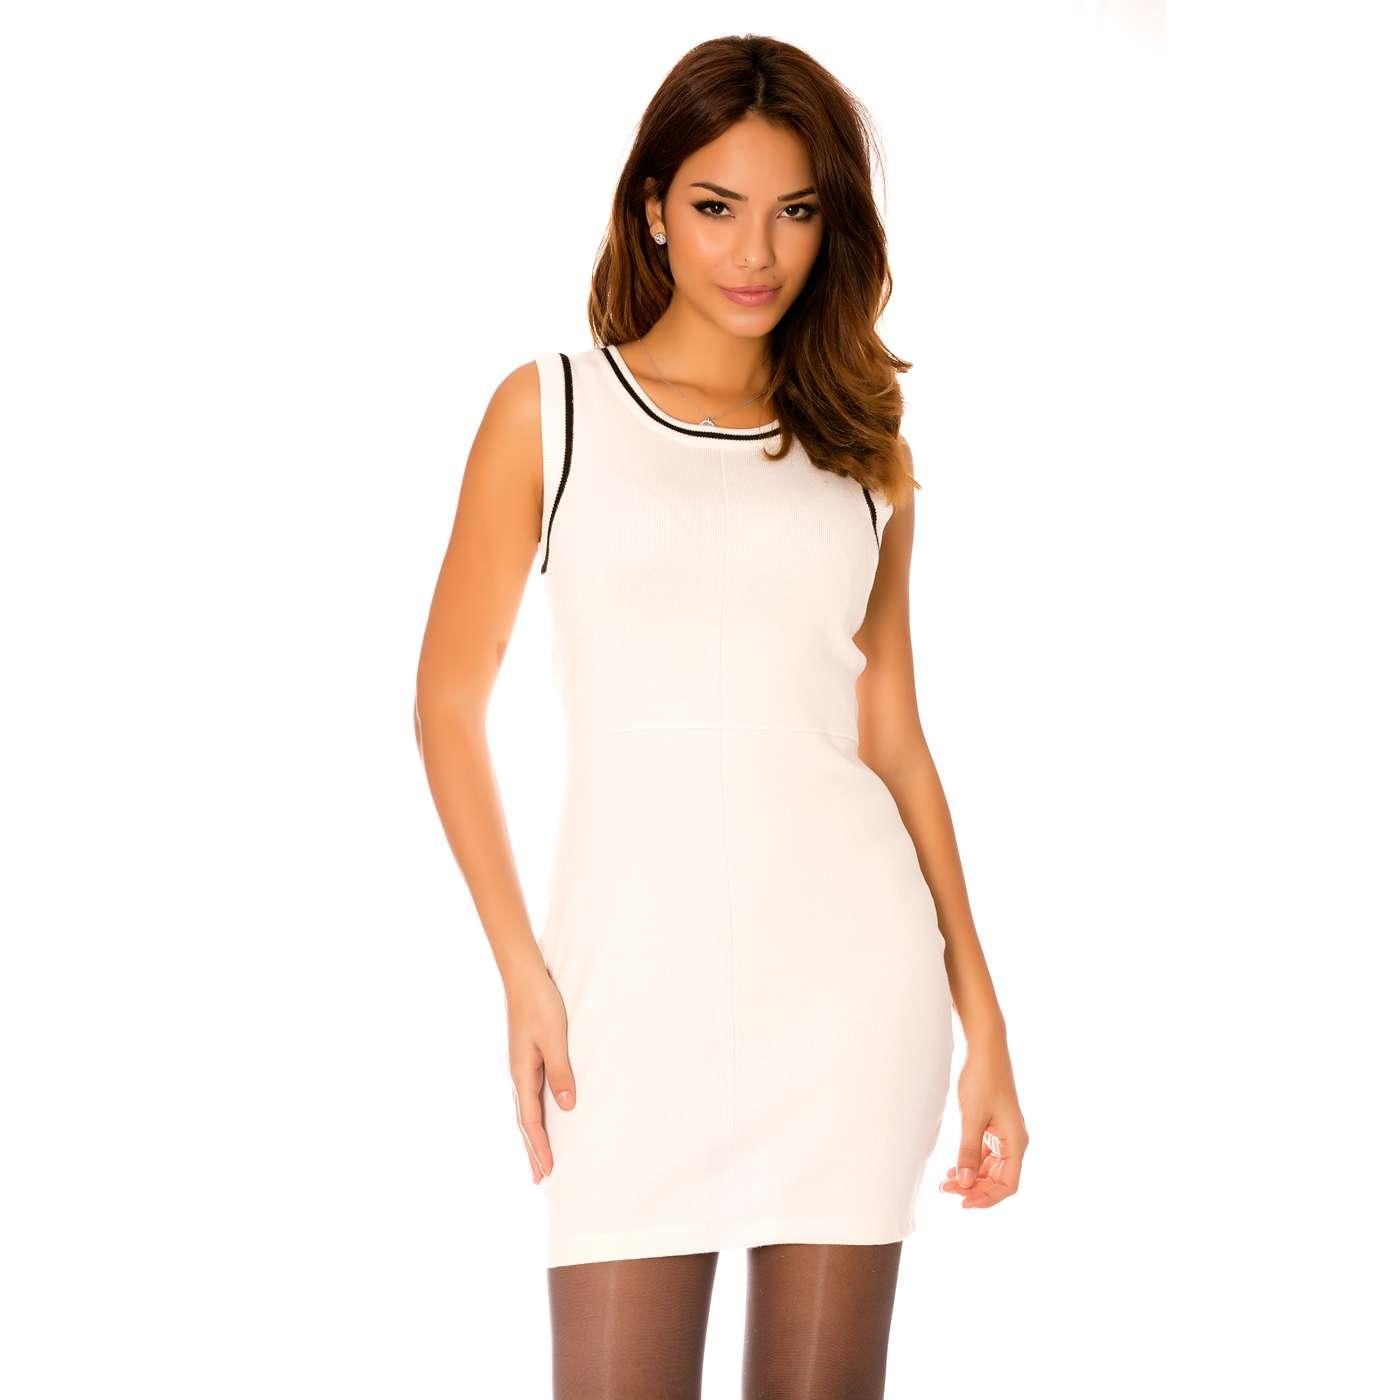 miss wear line robe blanche courte moulante avec fermeture au dos. Black Bedroom Furniture Sets. Home Design Ideas